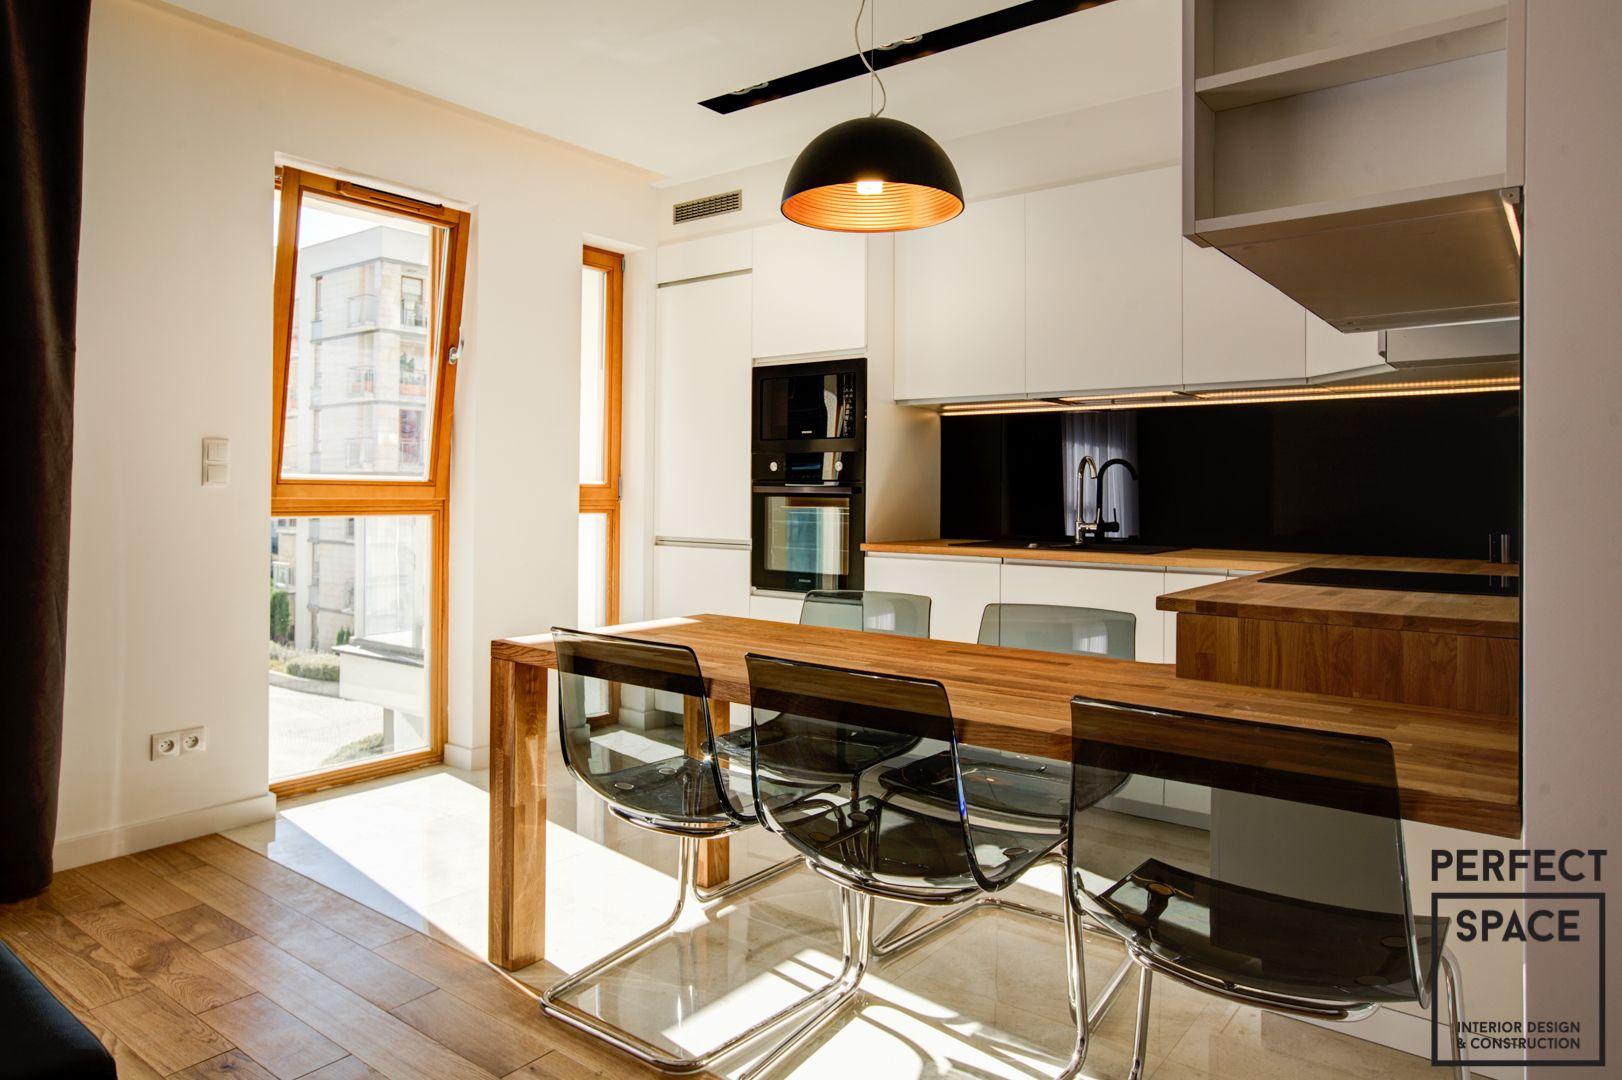 Idealnie Uniwersalne Mieszkanie Pod Wynajem Drewniane Akcenty Grzejniki Dekoracyjne I Duza Kuchnia Powoduja Ze Bedzie To Idealne Mieszk Home Decor Home Decor